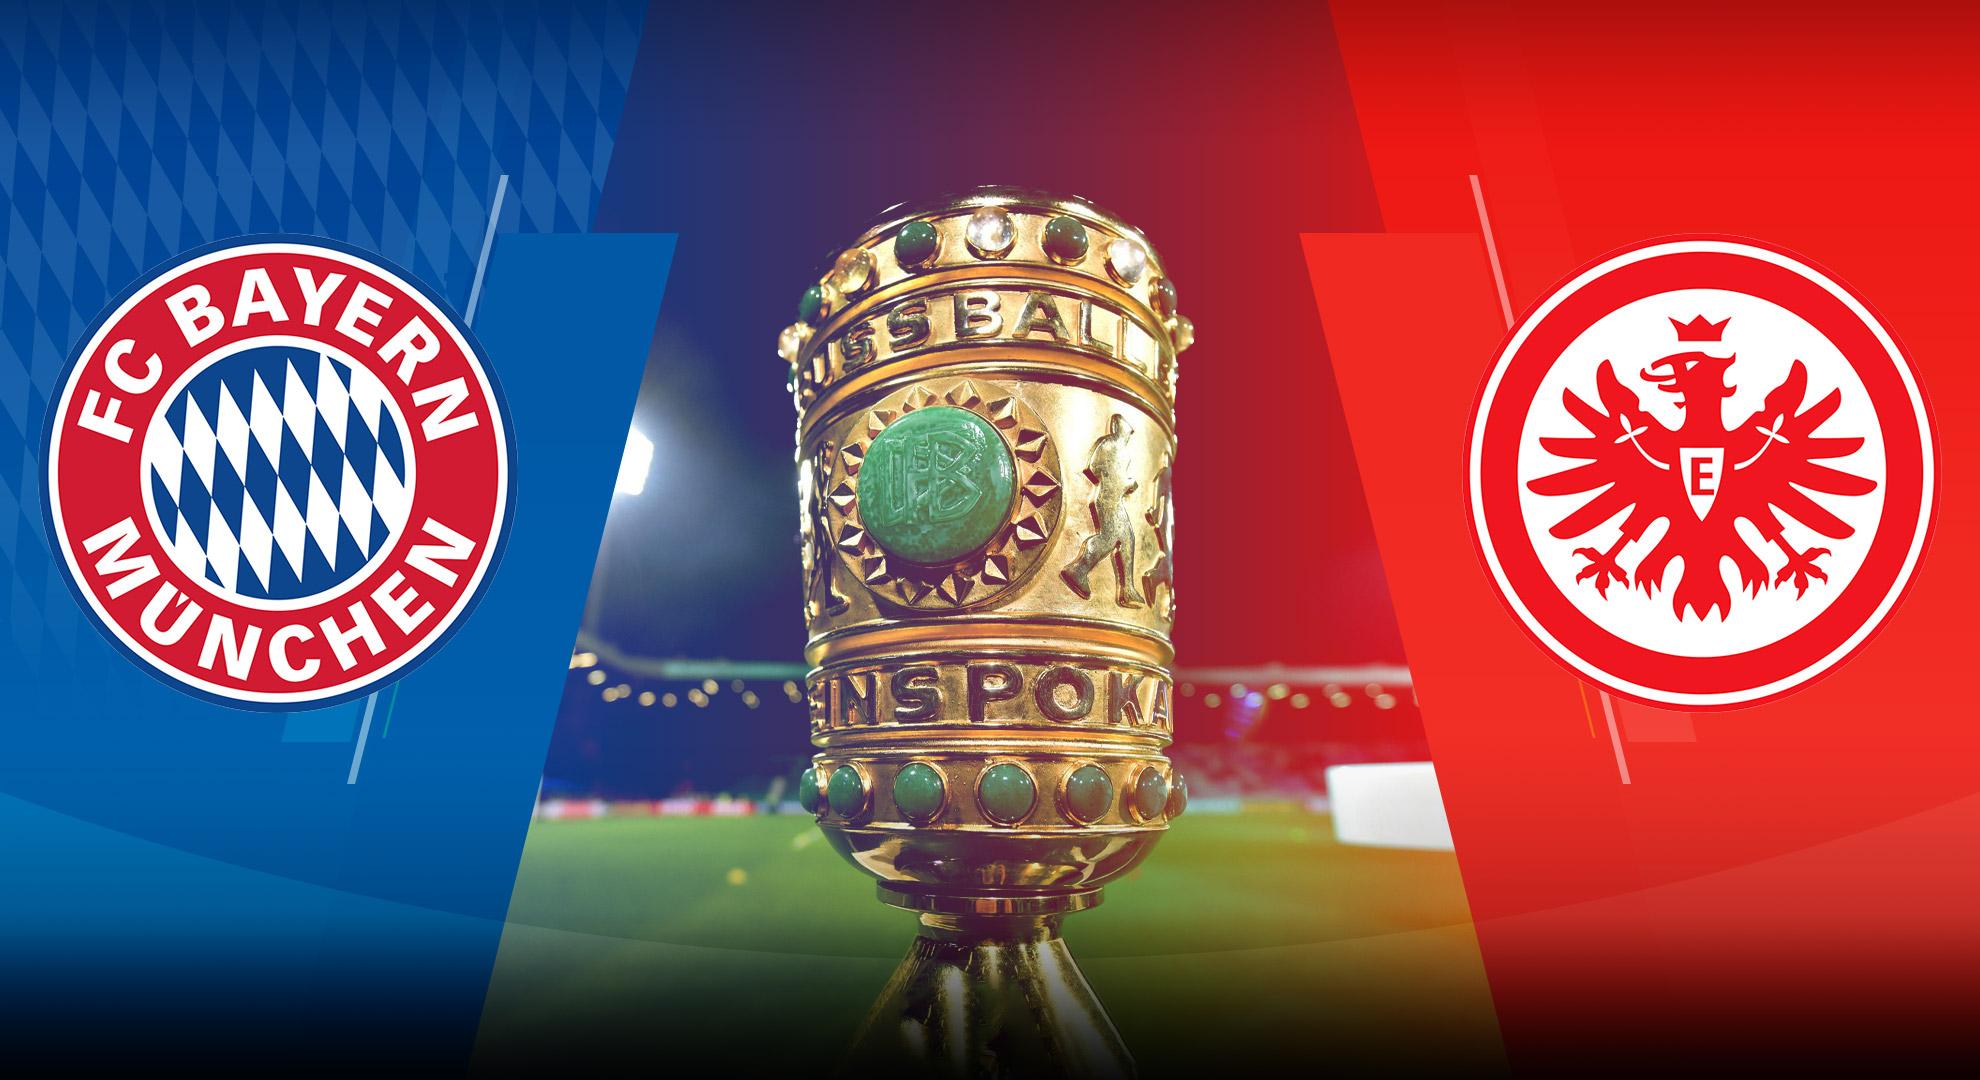 拜仁慕尼黑vs法兰克福首发:莱万对阵席尔瓦